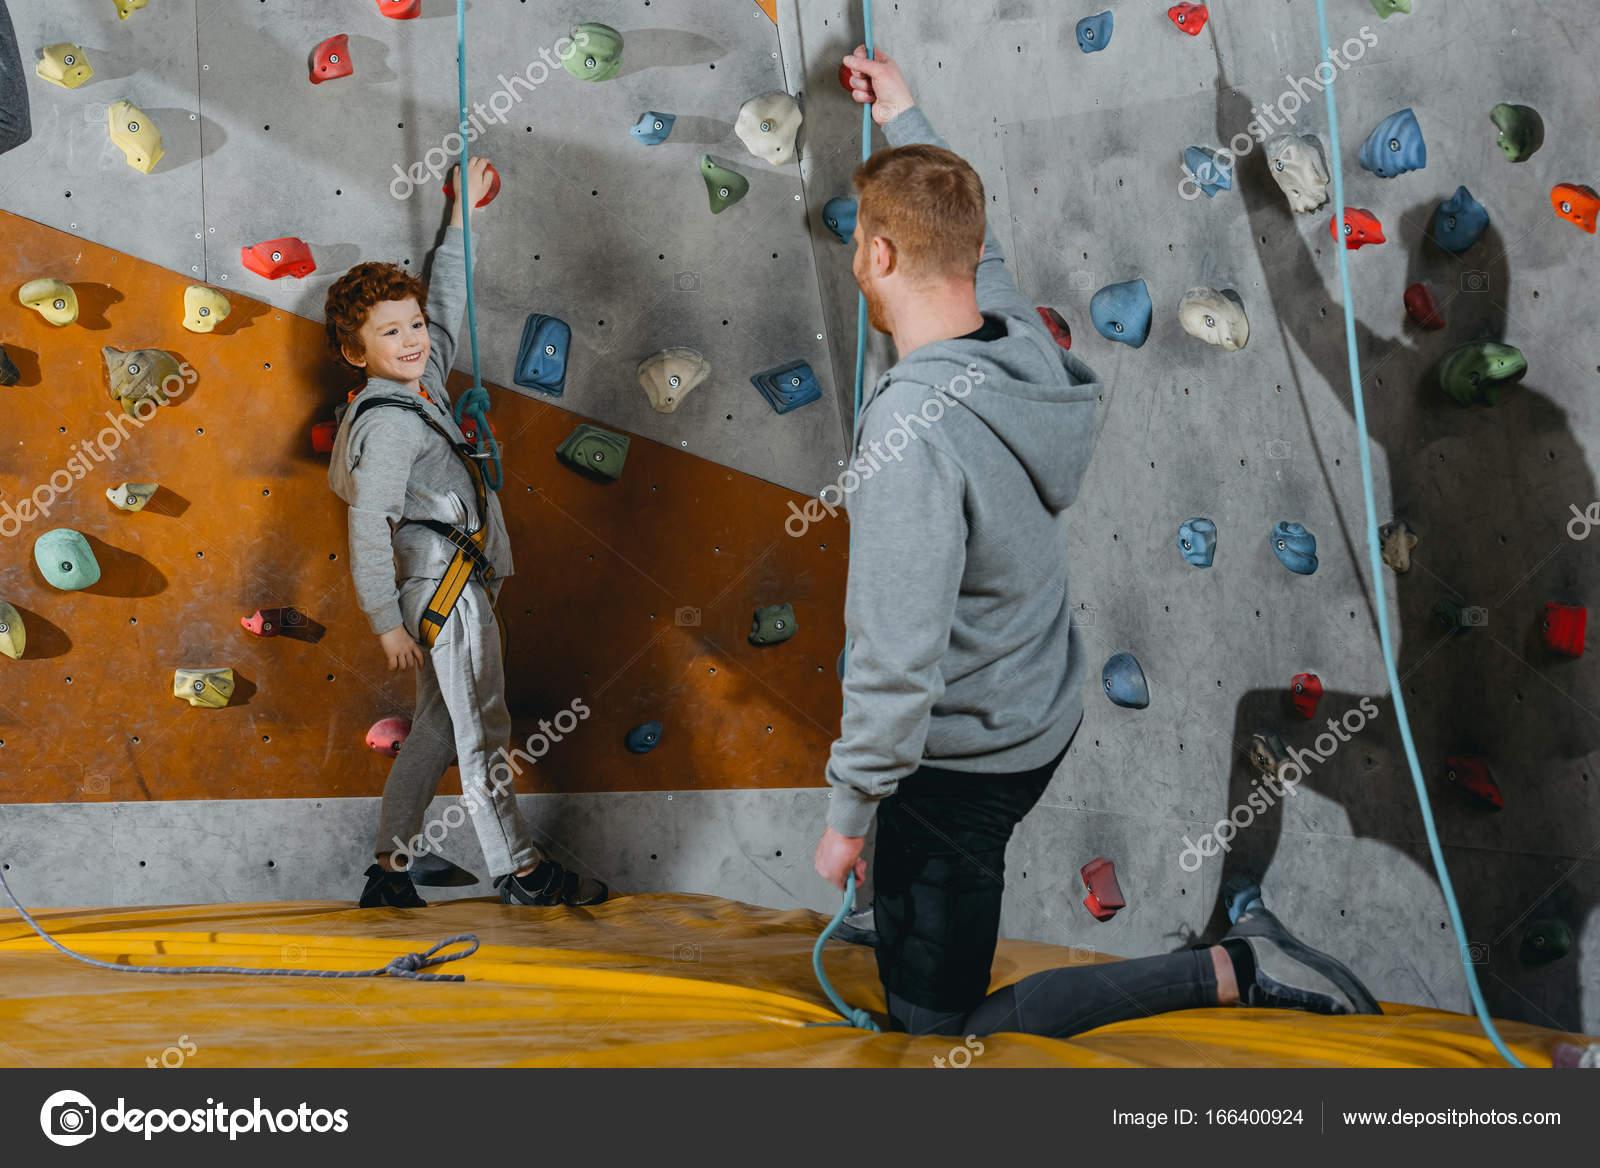 Klettergurt Mit Selbstsicherung : Kleiner junge im klettergurt u2014 stockfoto © arturverkhovetskiy #166400924